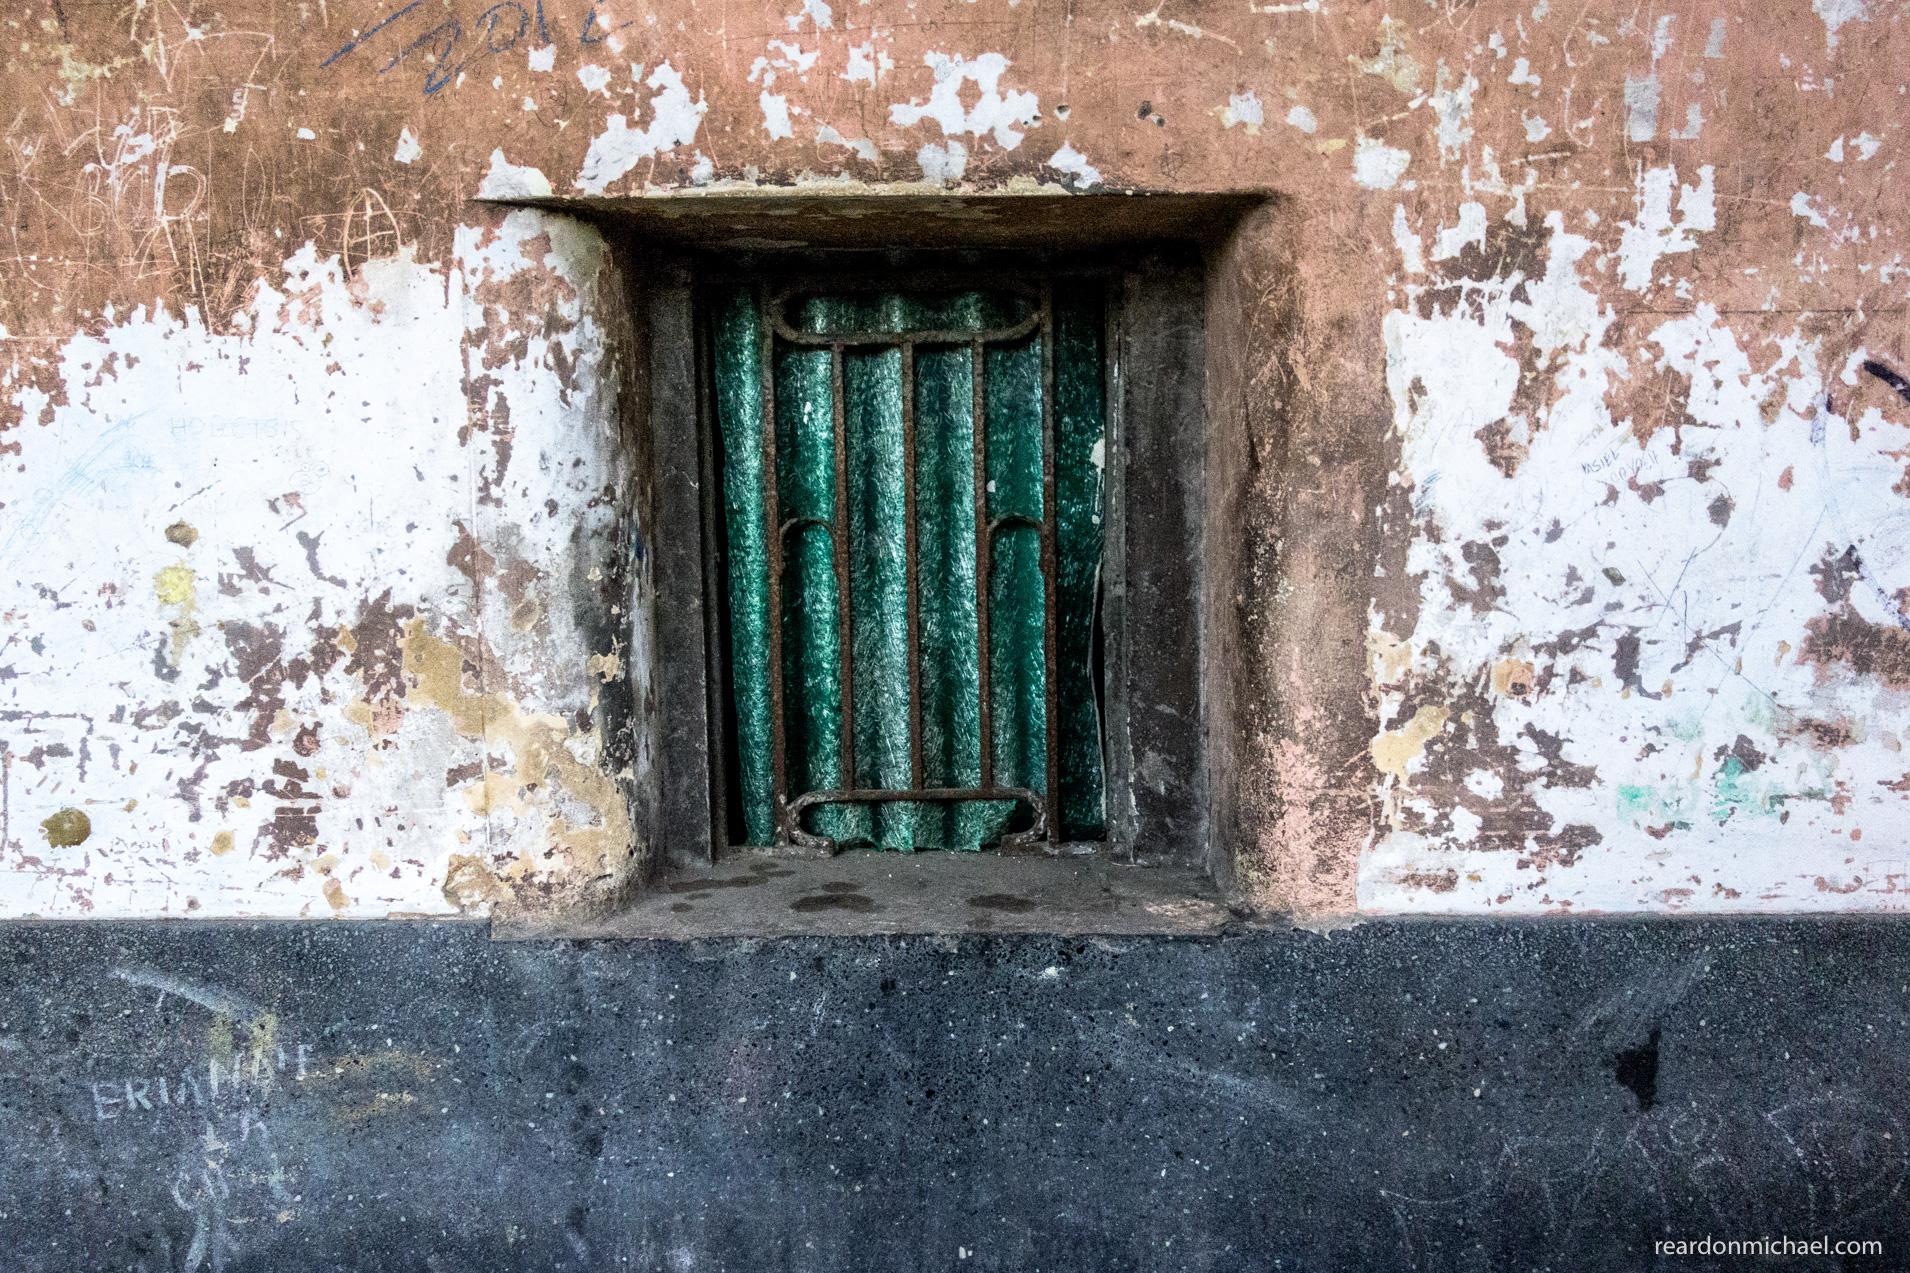 Havana textures